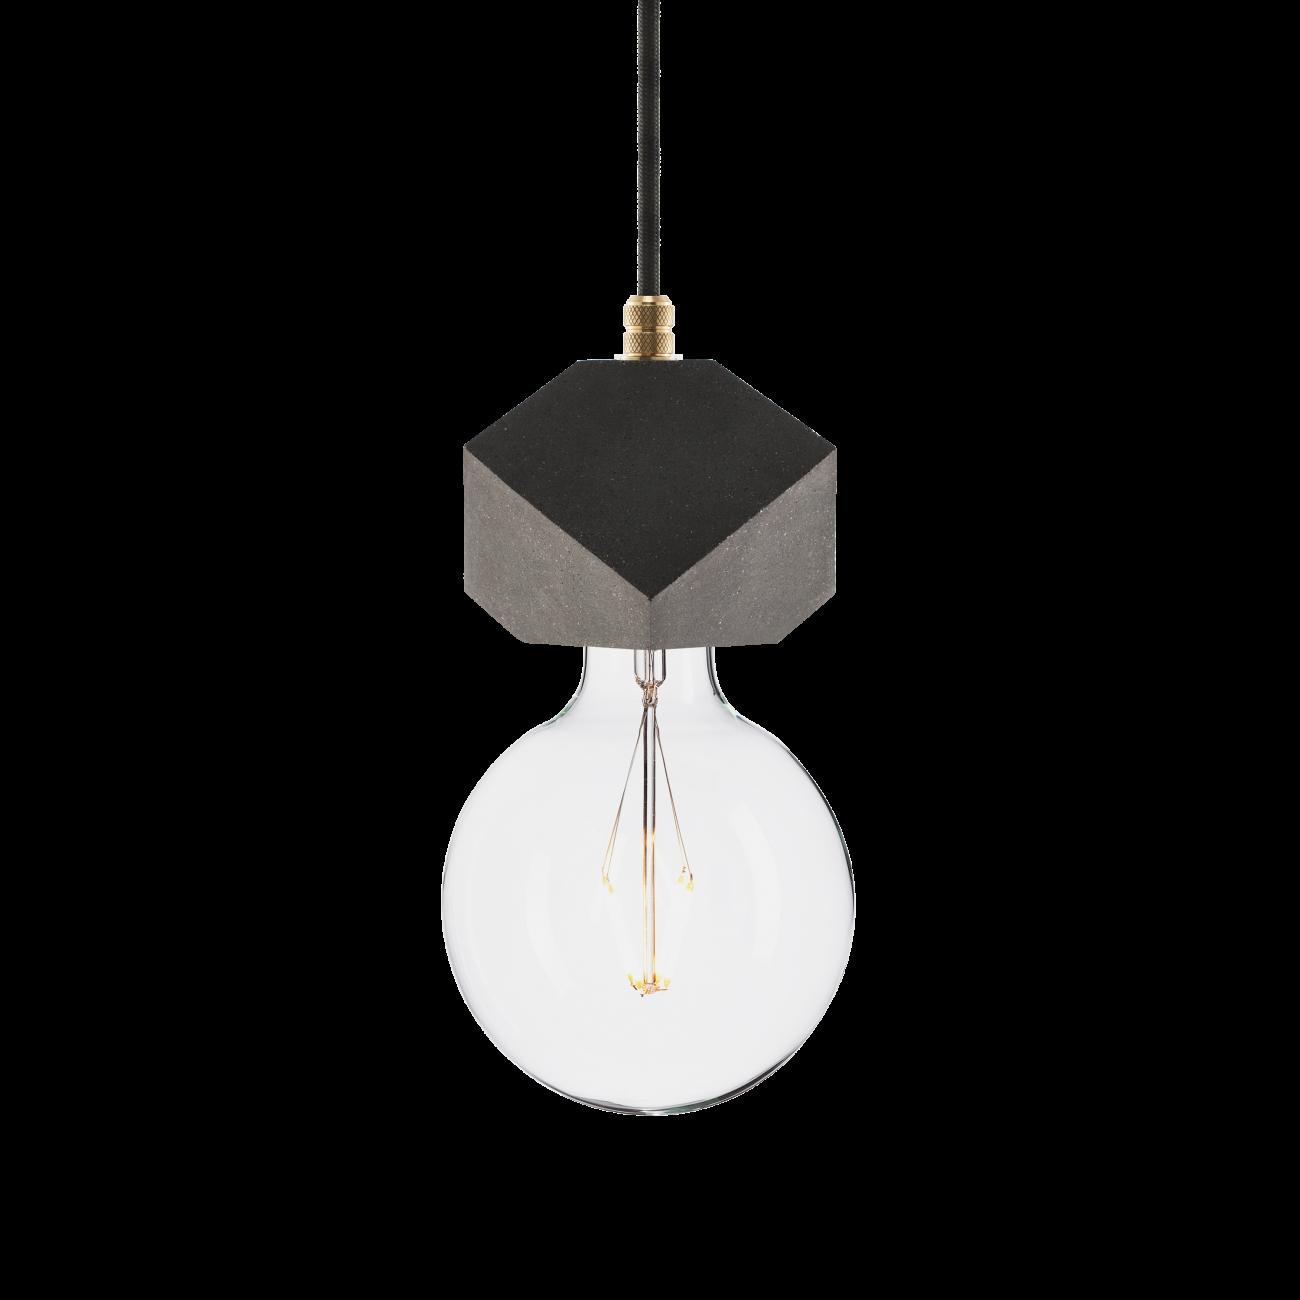 Купить Подвесной светильник BETON MAKT BLACK ALUMINUM в интернет магазине дизайнерской мебели и аксессуаров для дома и дачи